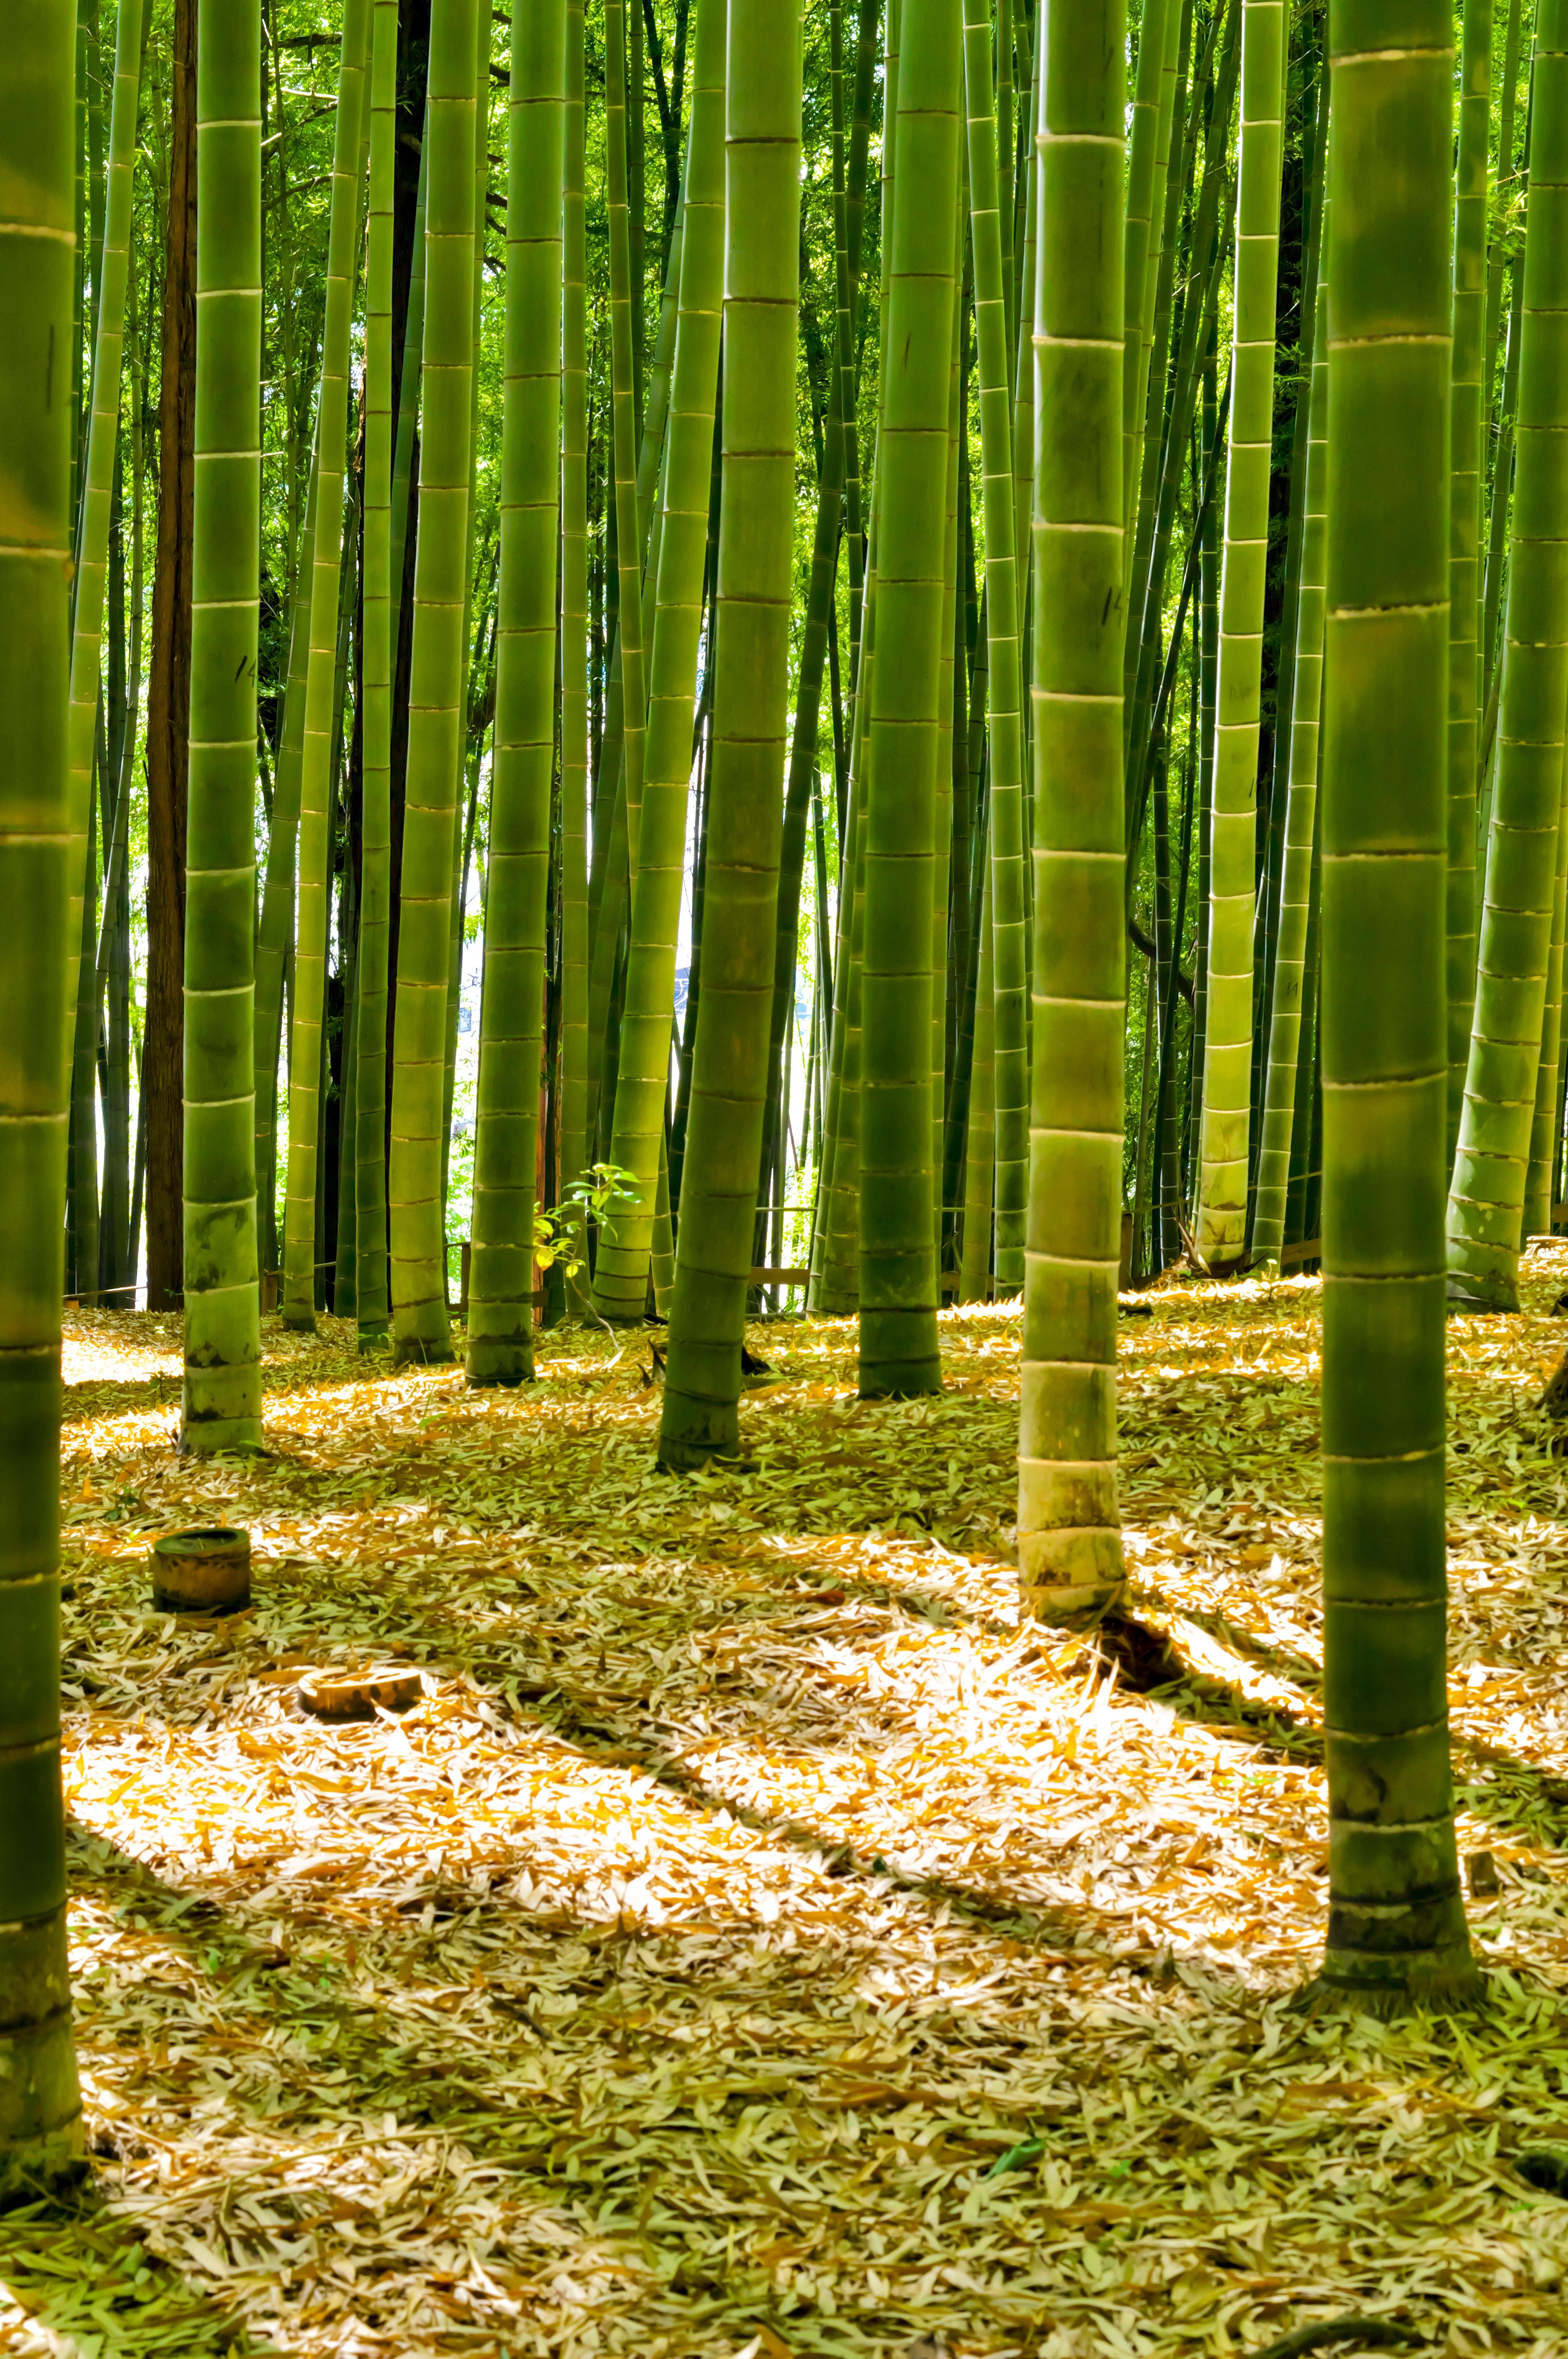 Fotos Gratis Paisaje 225 Rbol Naturaleza C 233 Sped Rama